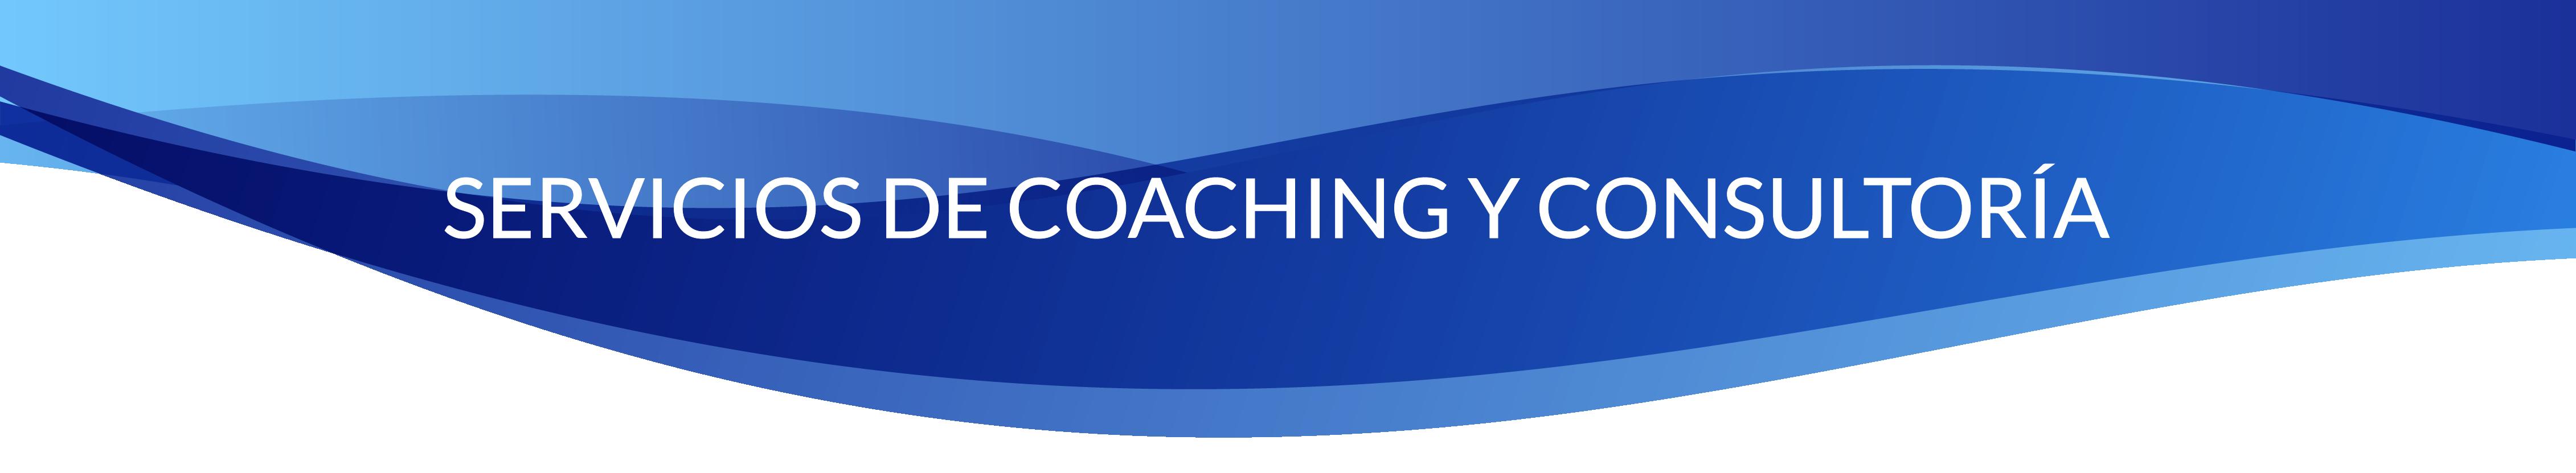 Consultoria y coaching-01